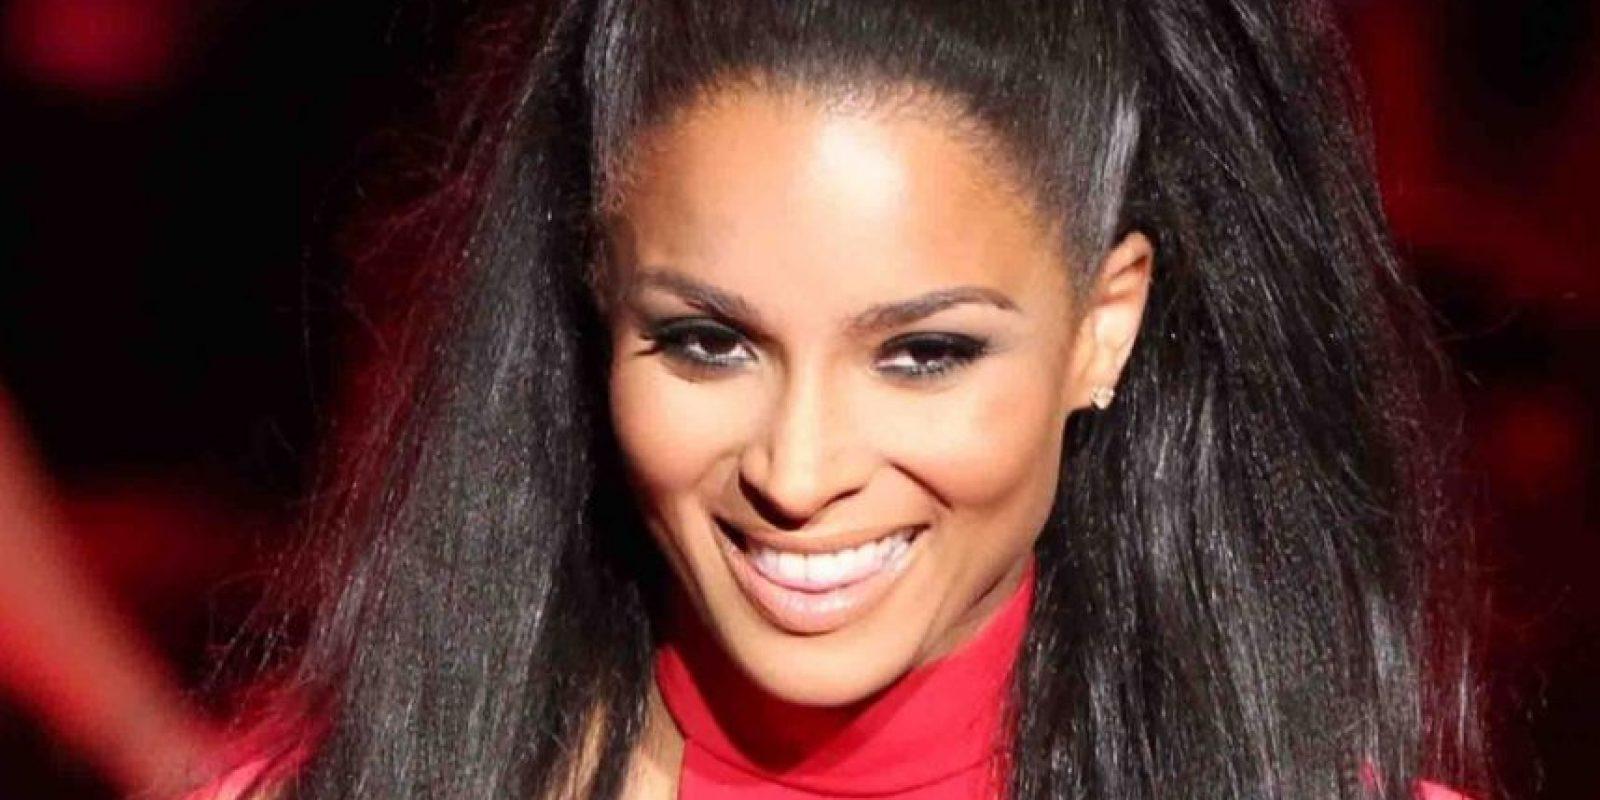 Ciara no ha tenido suerte con las ventas de su álbum. Cada trabajo tiene menor calidad y se distribuye menos. Foto:vía Getty Images